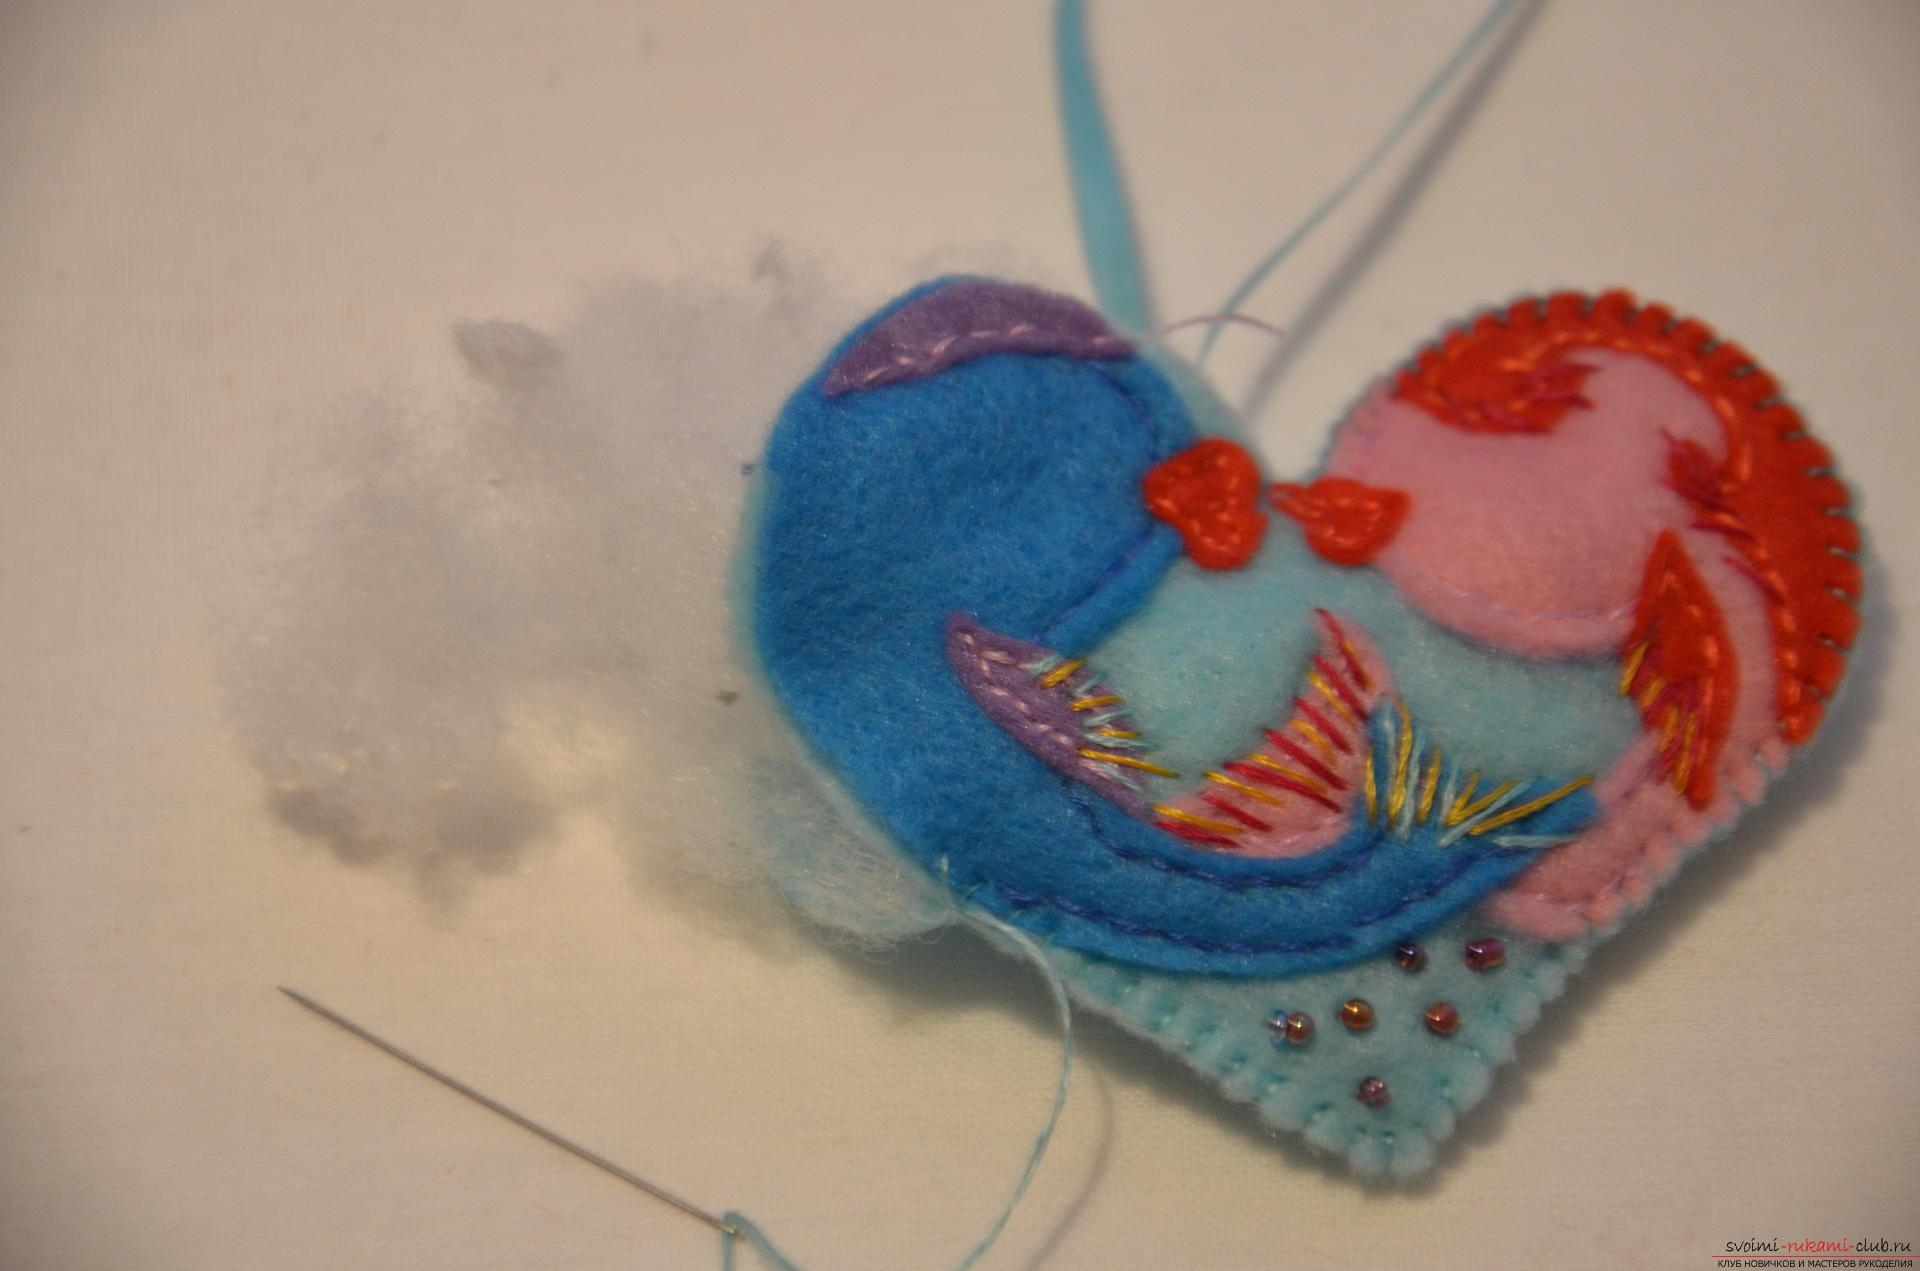 Deze masterclass leert op 14 februari hoe de originele valentines te naaien - vis uit vilt. Foto # 12